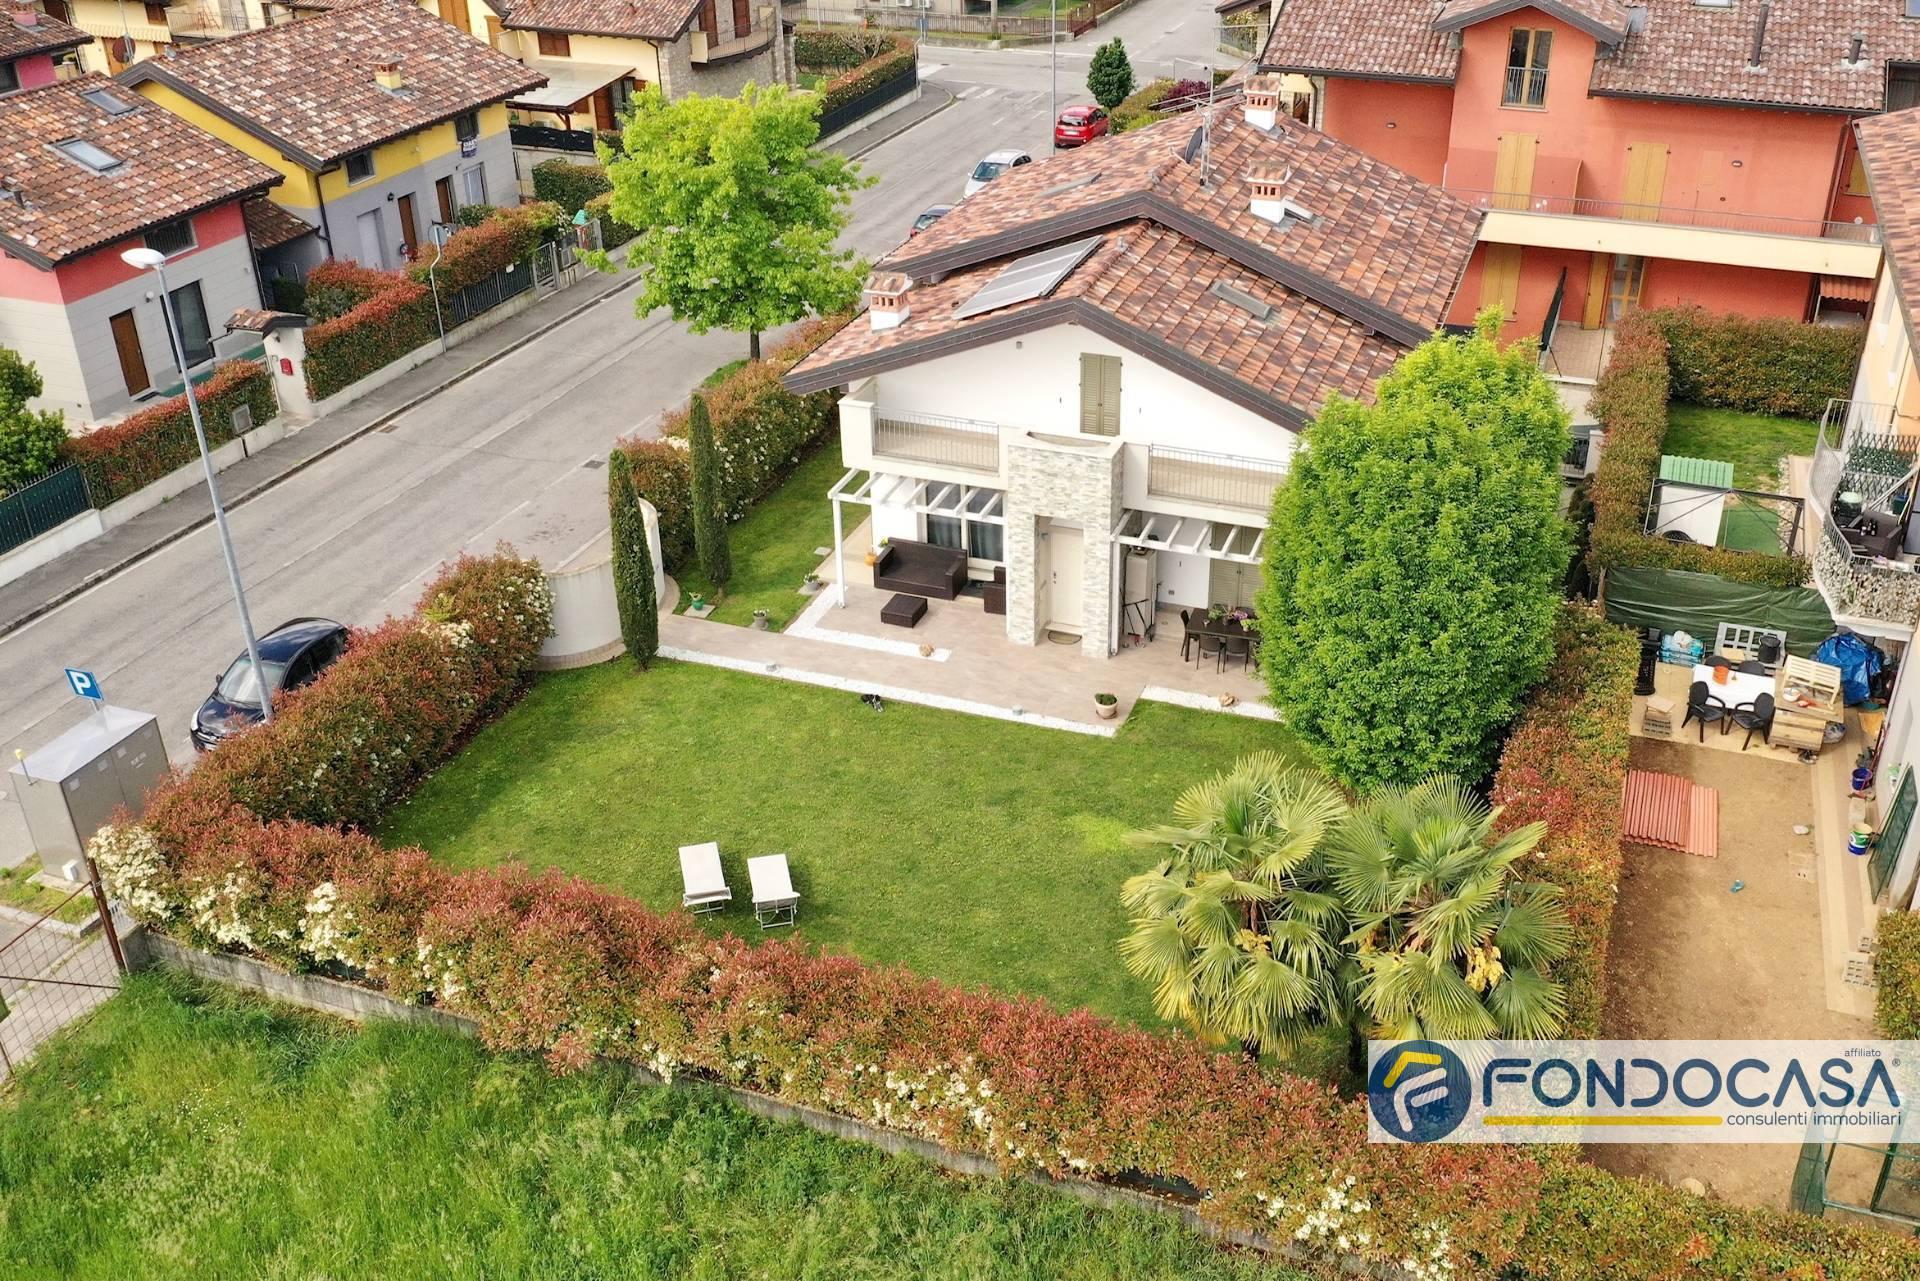 Villa in vendita a Comun Nuovo, 10 locali, Trattative riservate | PortaleAgenzieImmobiliari.it